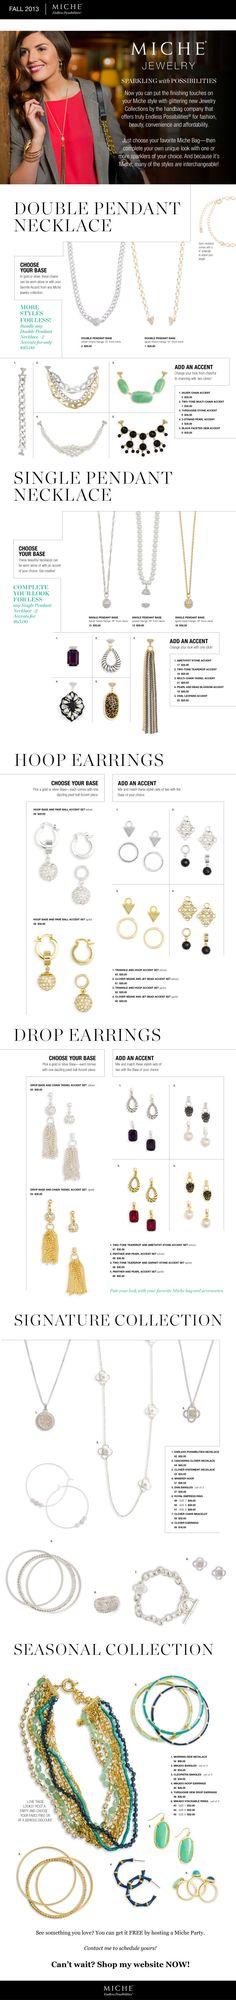 Miche Jewelry! http://janna.miche.com